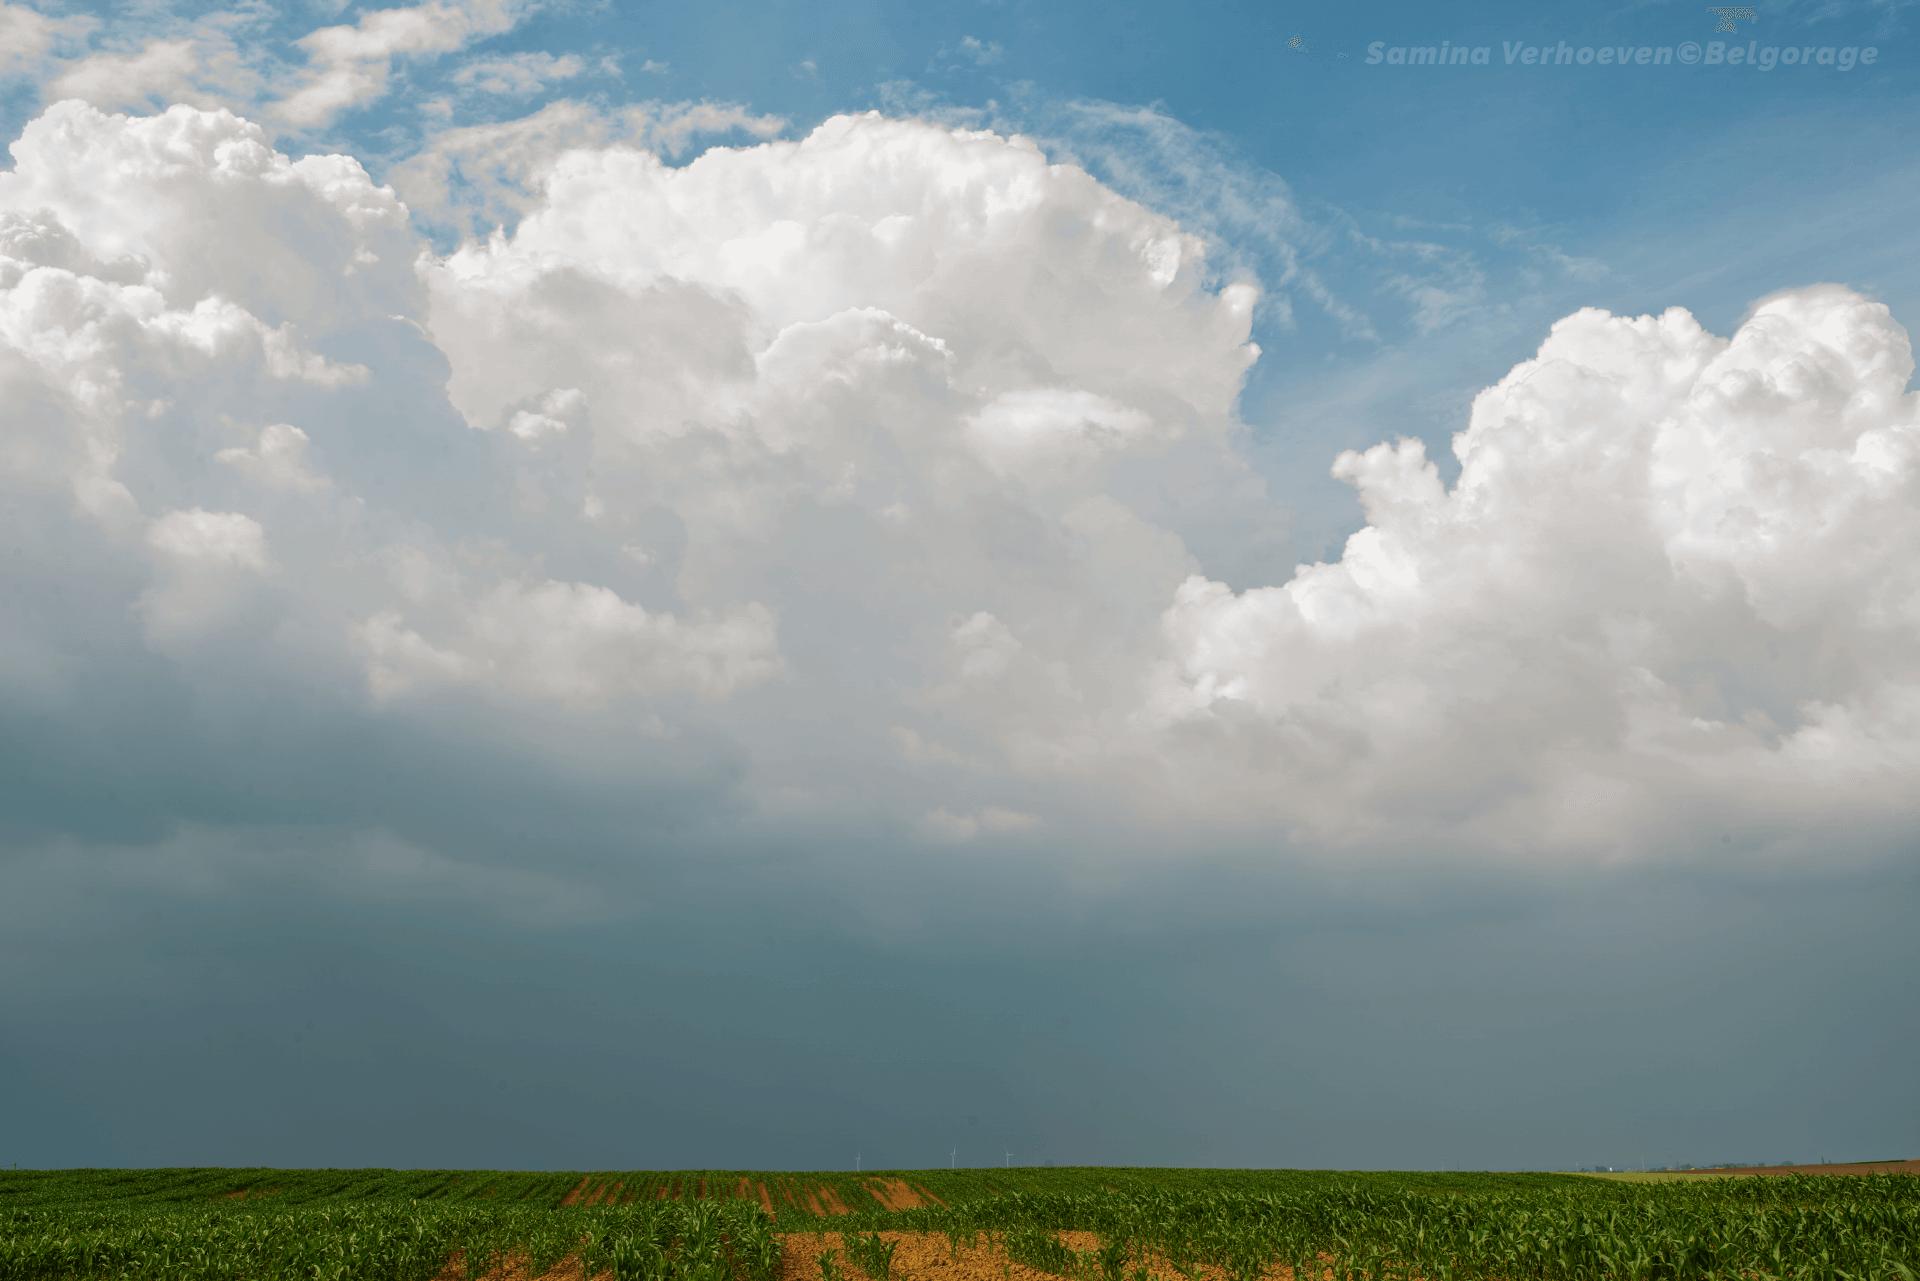 Cellule se développant sur le sud-est du Limbourg, observée depuis Bassenge en province de Liège, le 17 juin 2020 vers 16h20. Crédit Photo : Samina Verhoeven